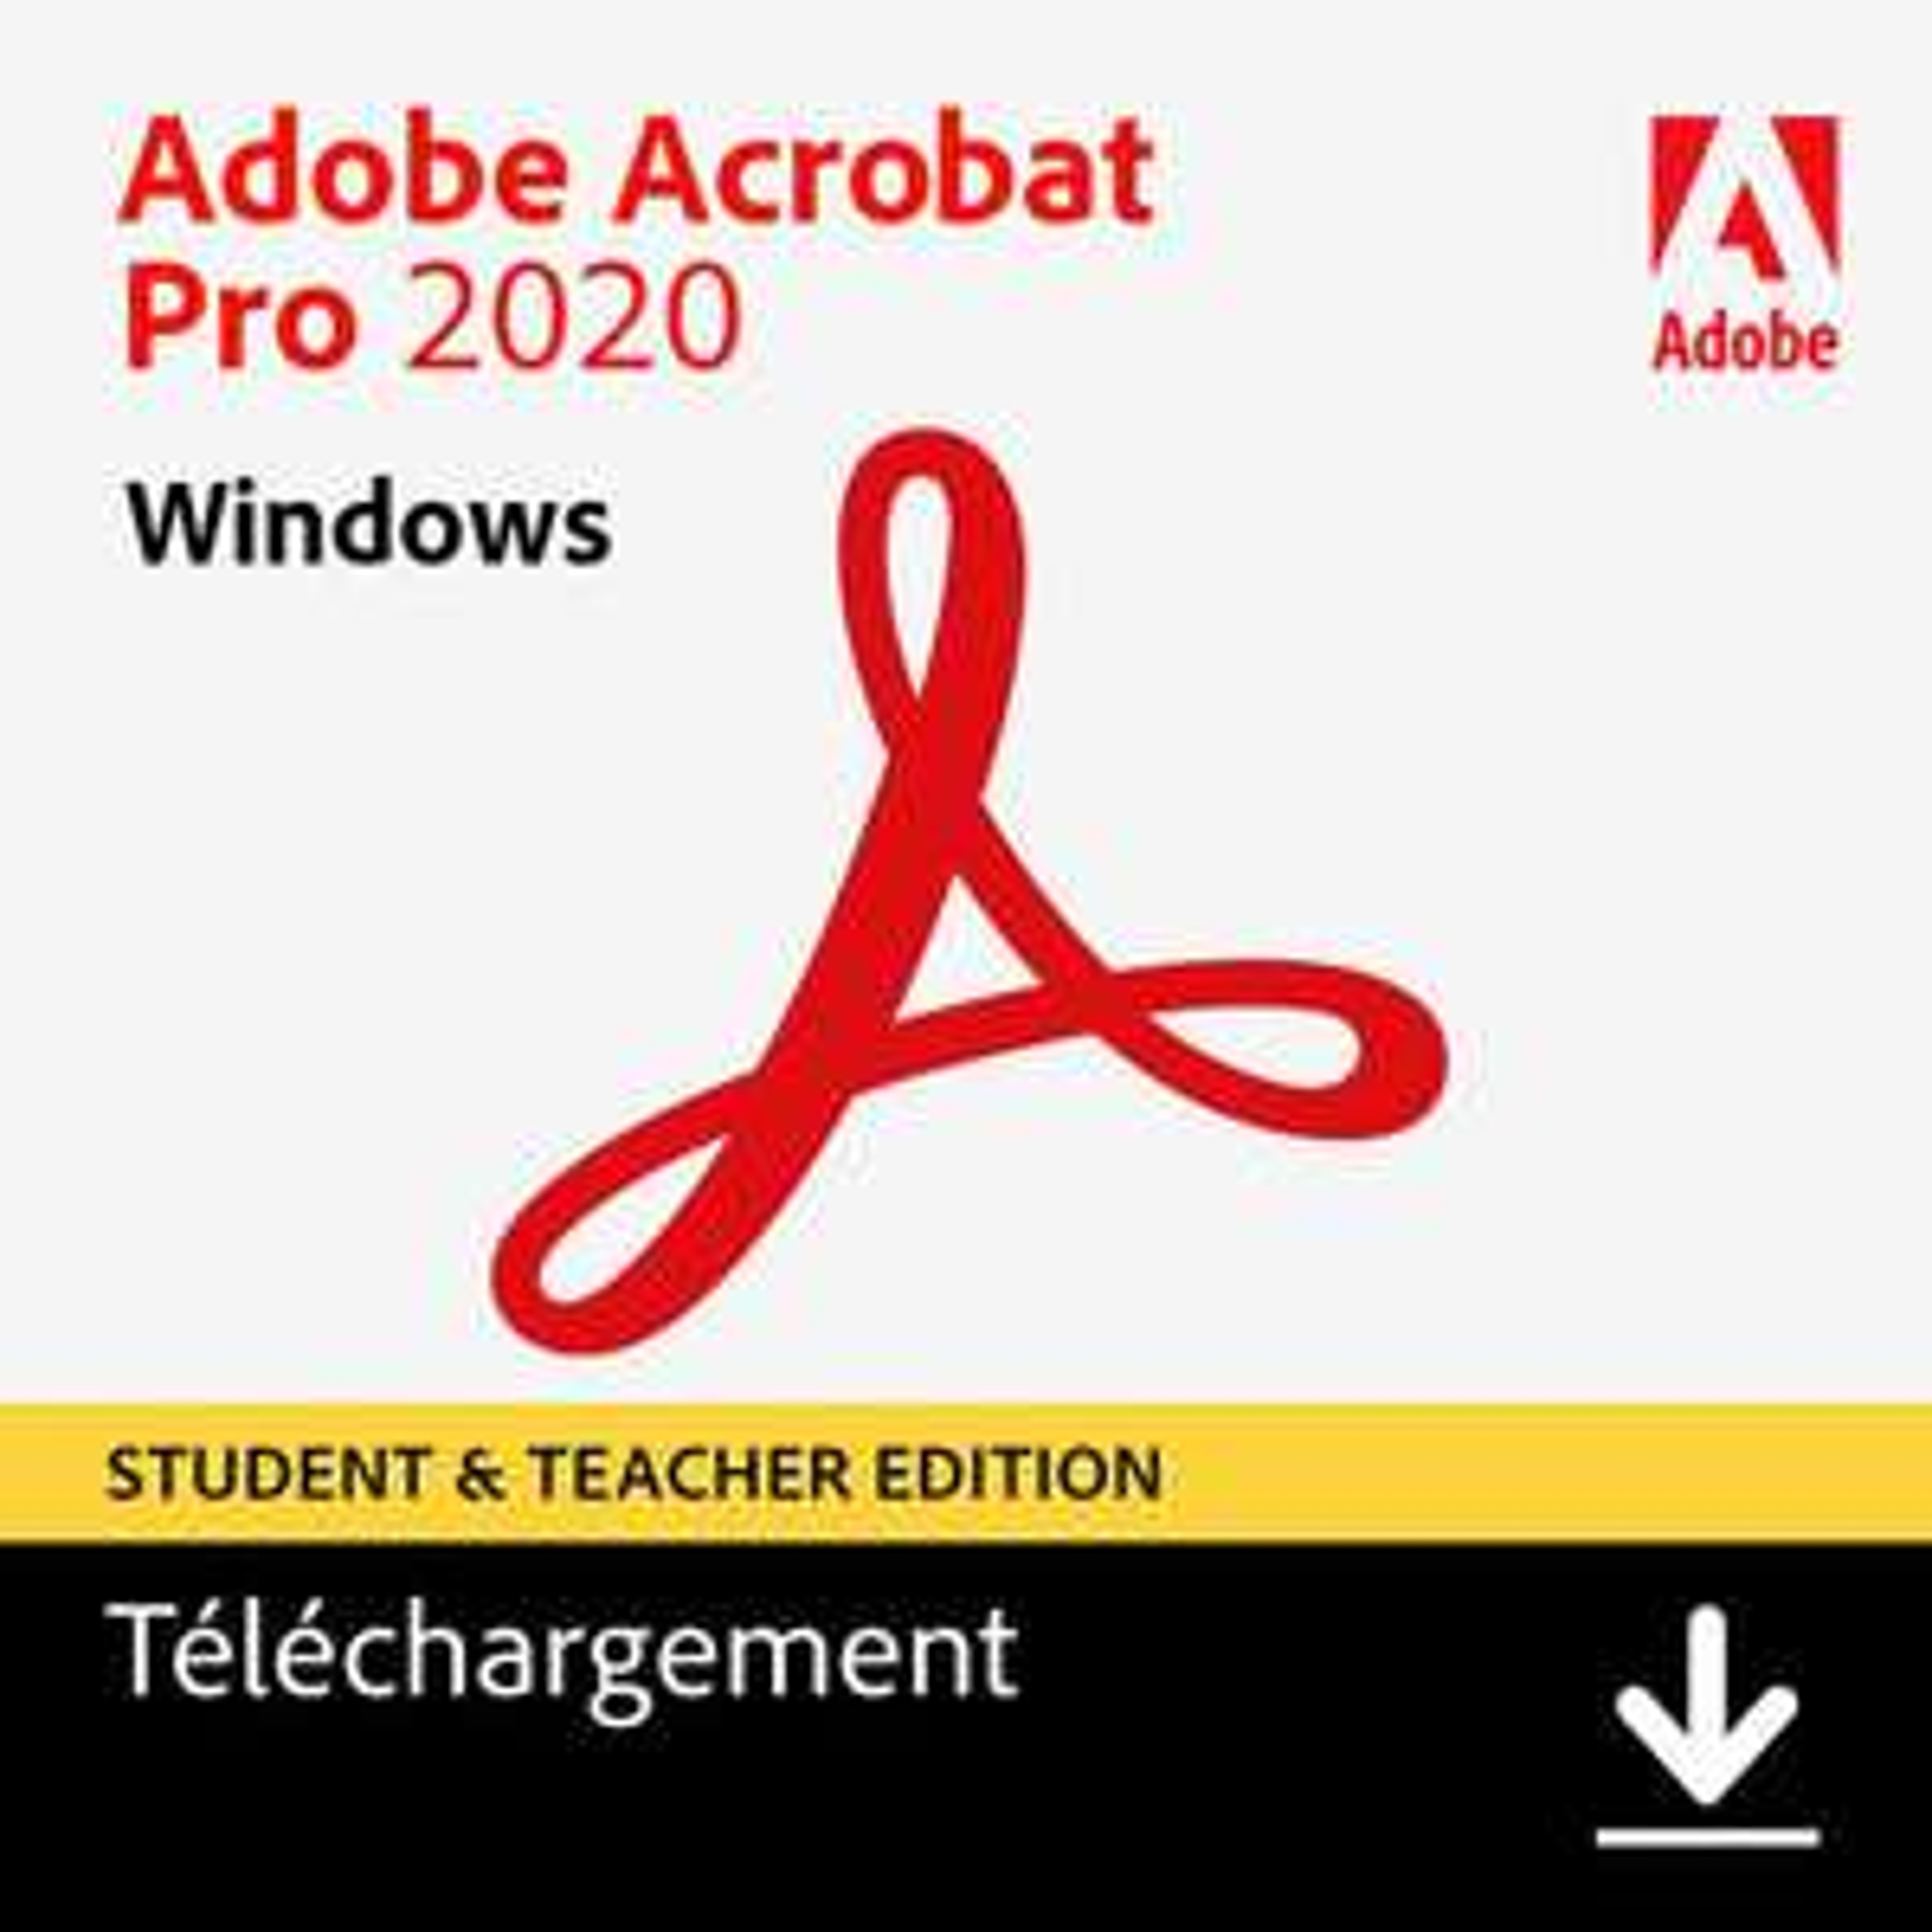 [Etudiants/Prof] Licence Adobe Acrobat Pro 2020 - Licence perpétuelle pour collégiens, lycéens, étudiants & enseignants